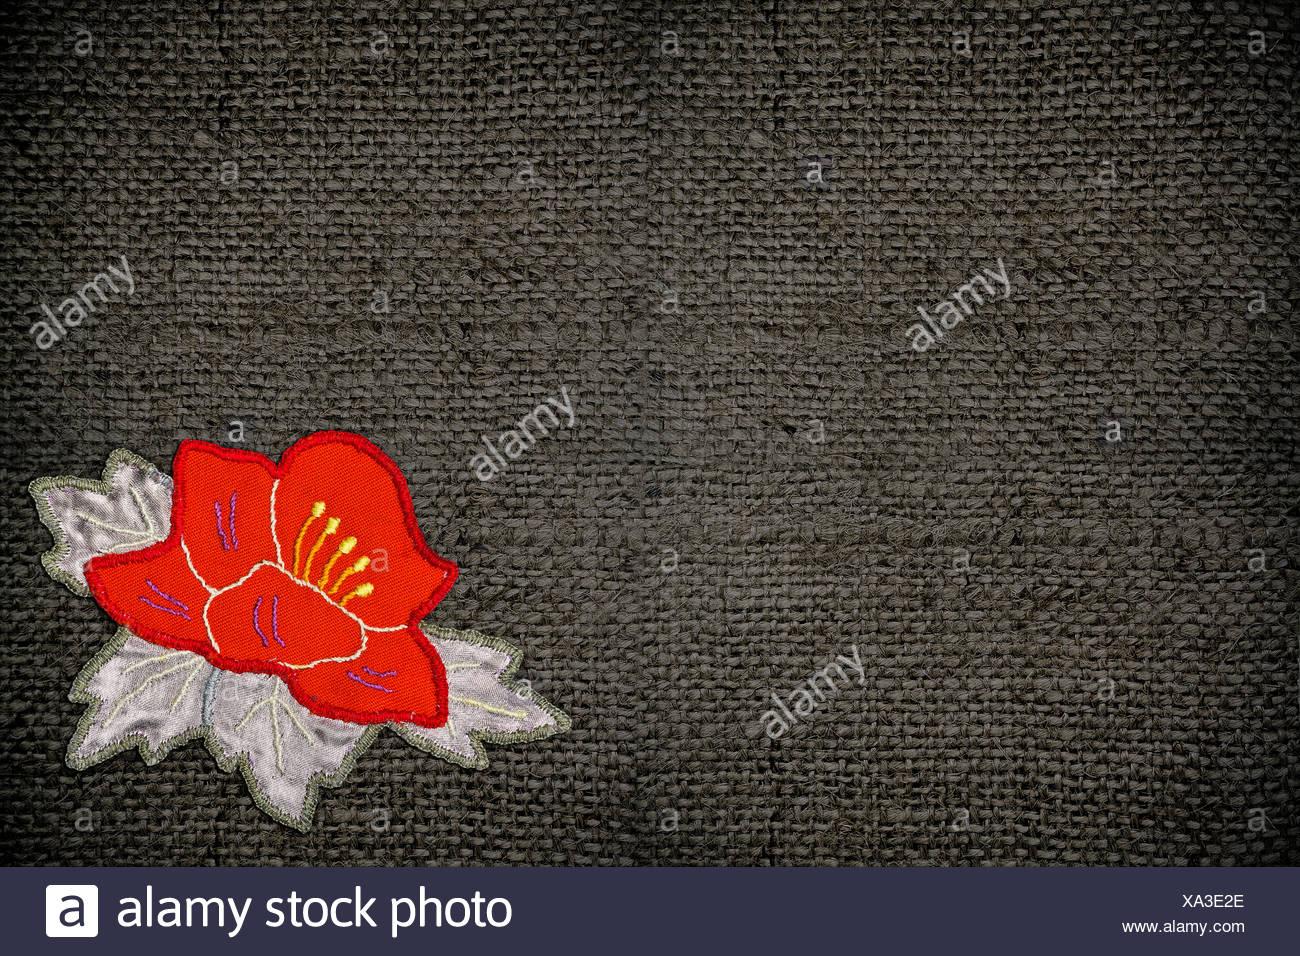 Tessuto grigio con un fiore rosso applique closeup foto & immagine